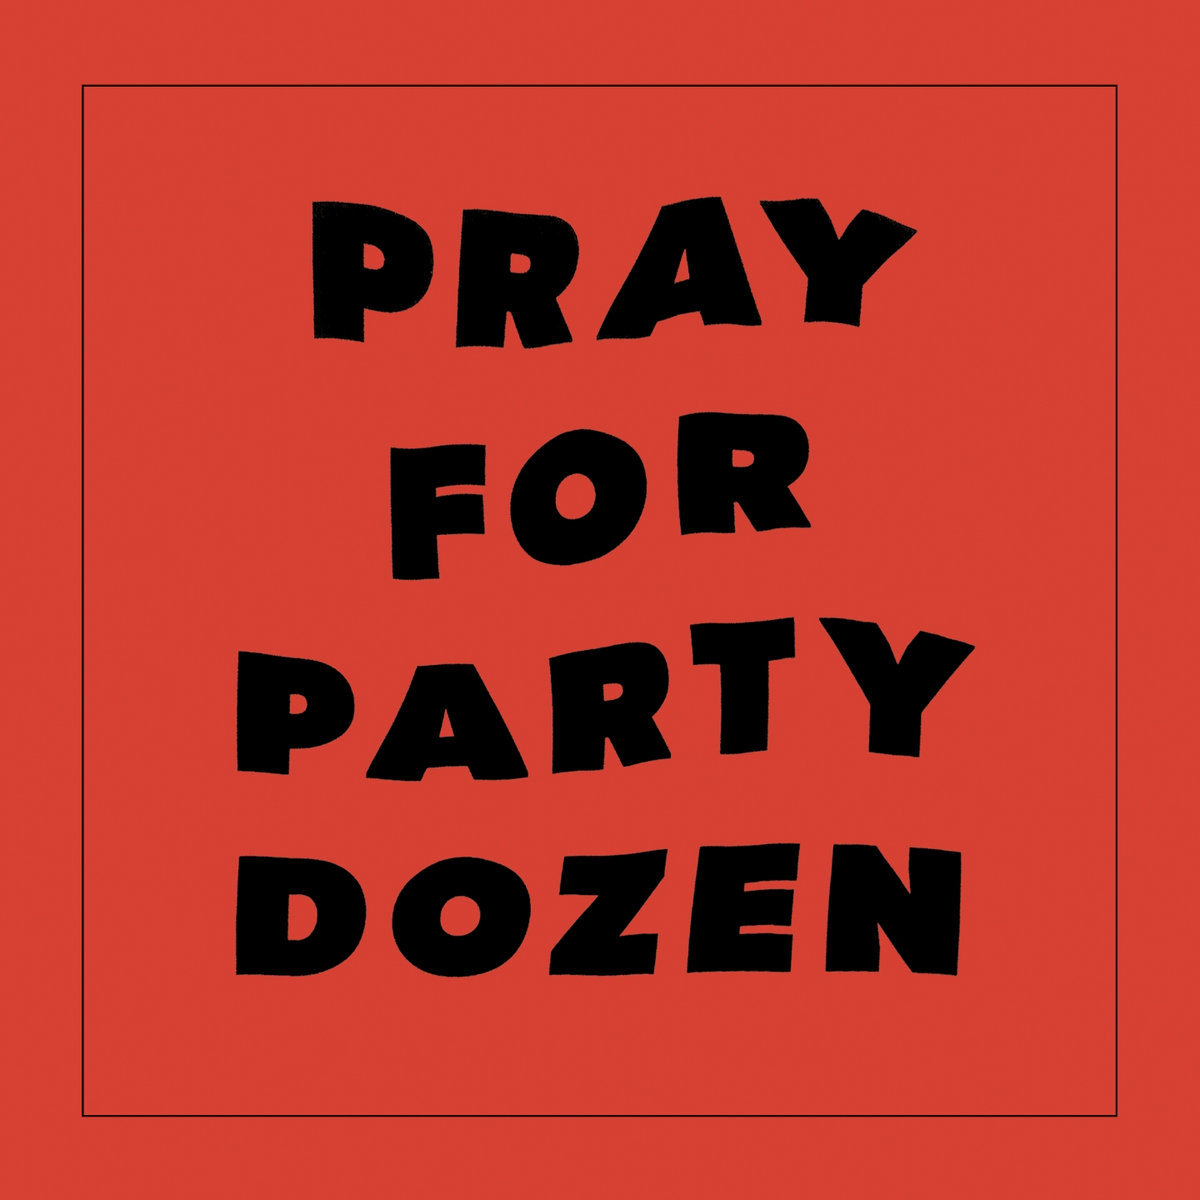 Party Dozen – Pray For Party Dozen